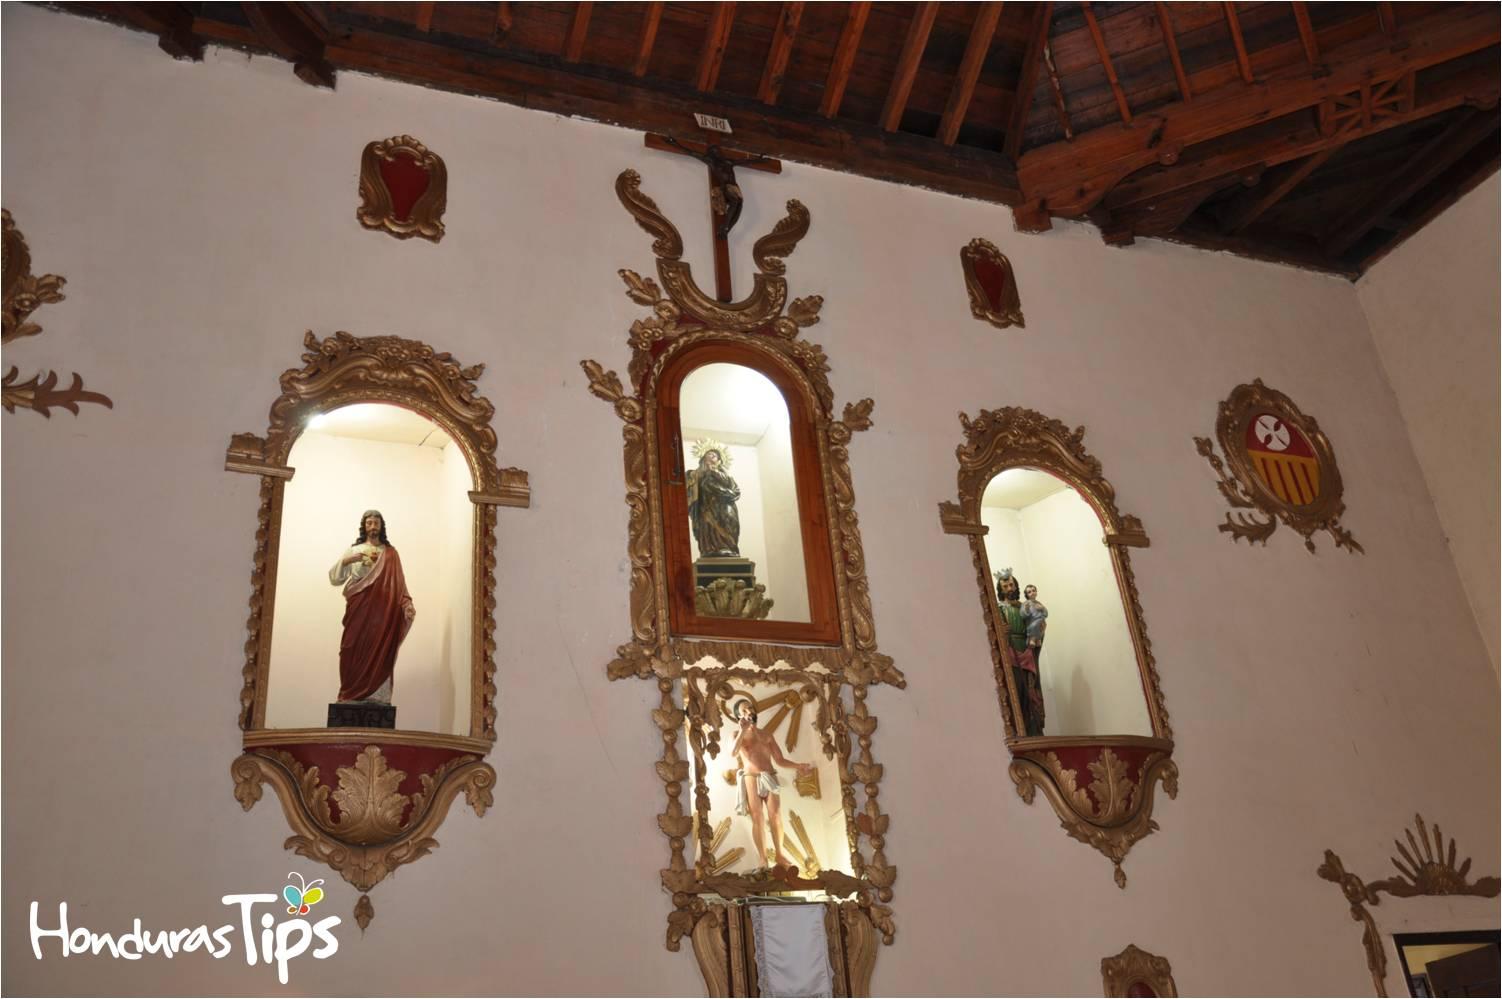 El Festival del Pan se celebra ya sea el 20 o 21 de noviembre, en 2015 se realizará el 21, día de la Virgen de Los Dolores.